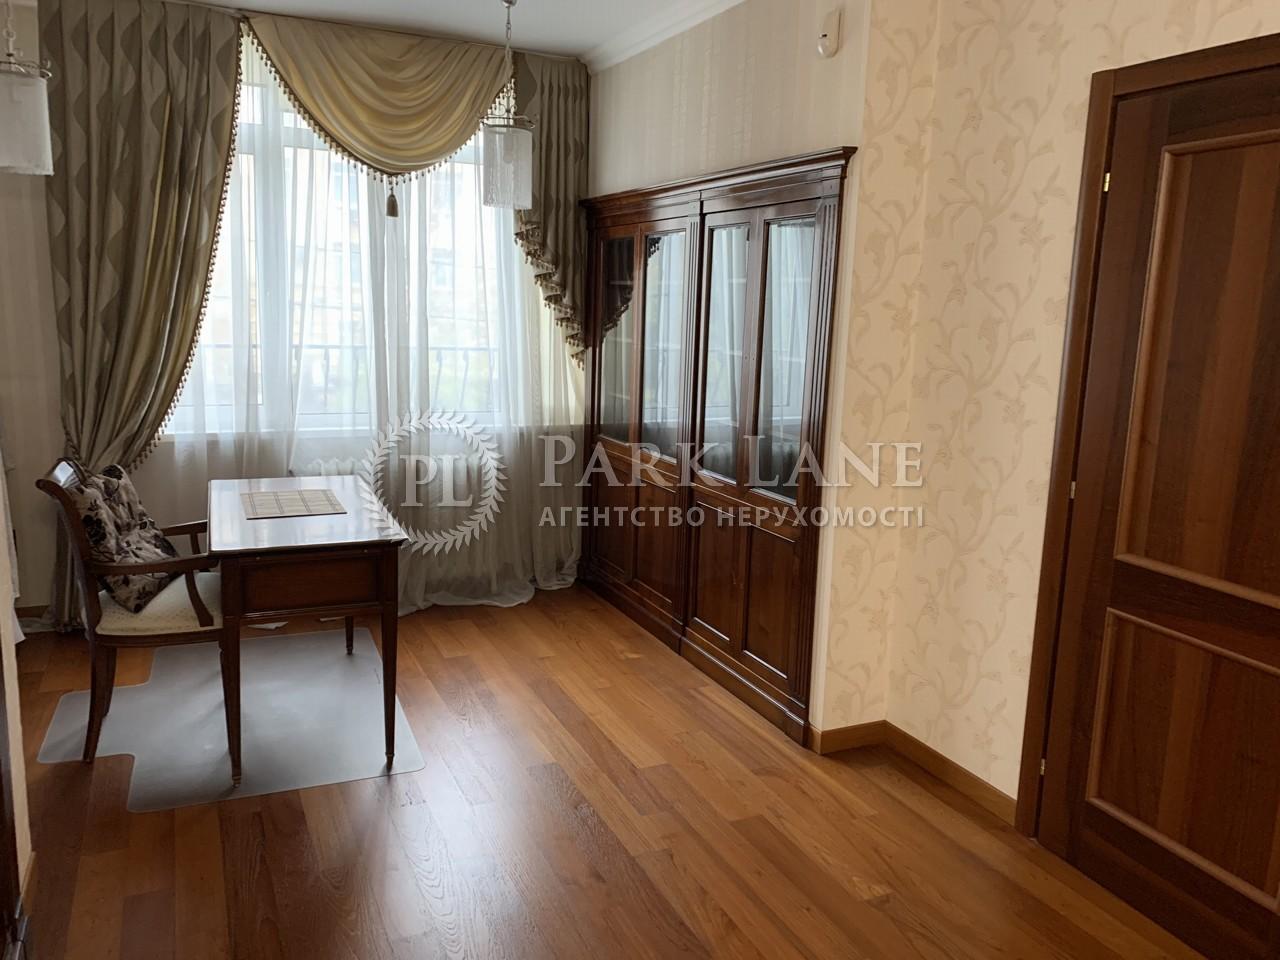 Квартира ул. Антоновича (Горького), 72, Киев, K-30730 - Фото 4